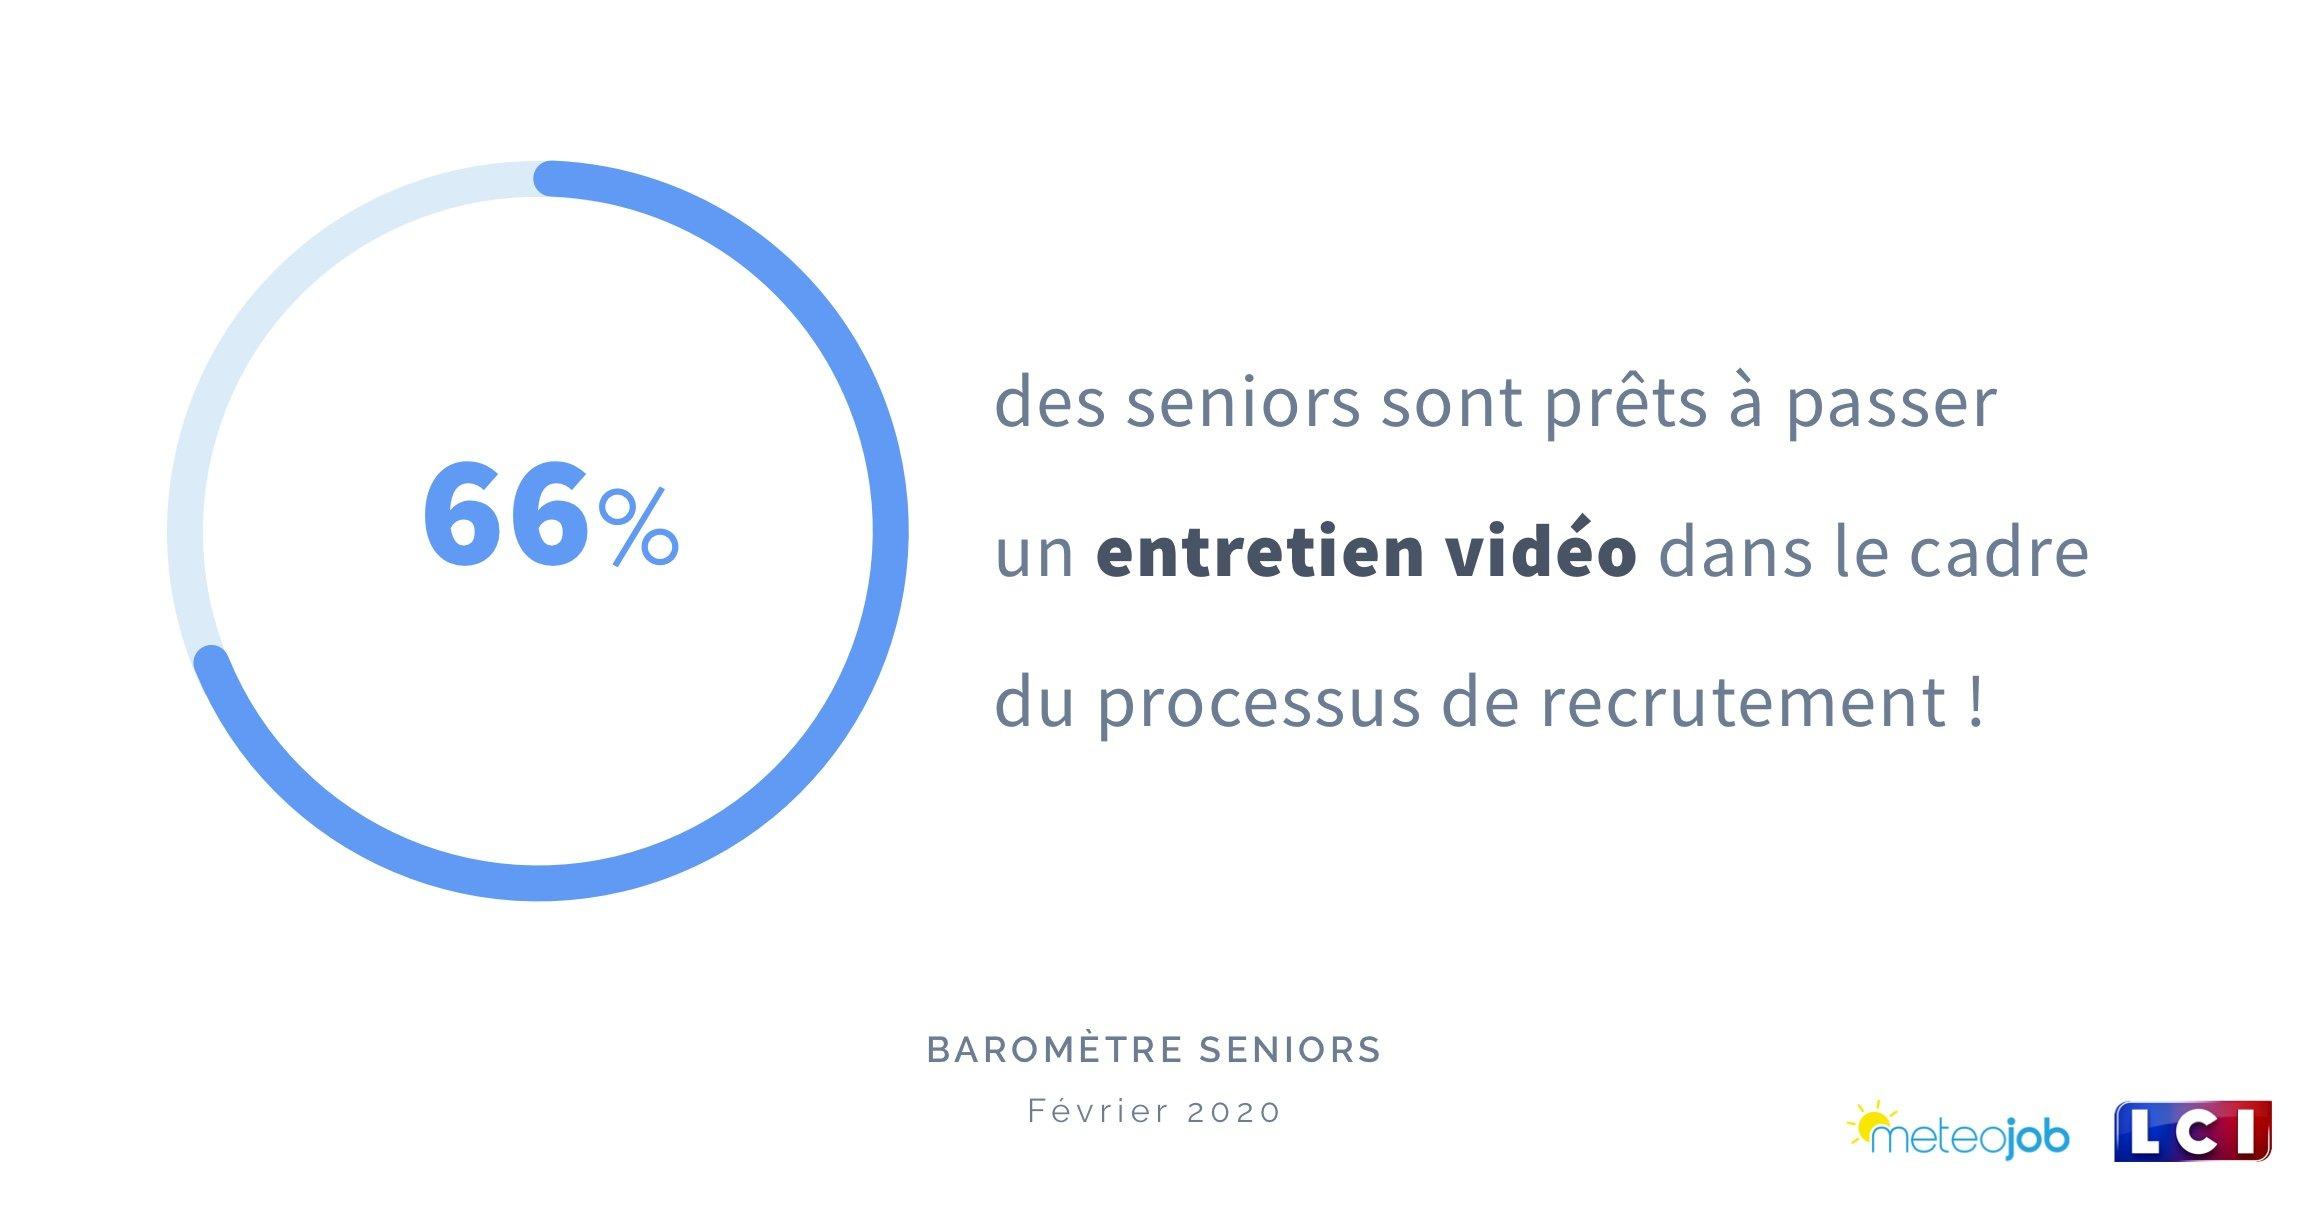 66% des seniors sont prêts à passer un entretien vidéo dans le cadre du processus de recrutement